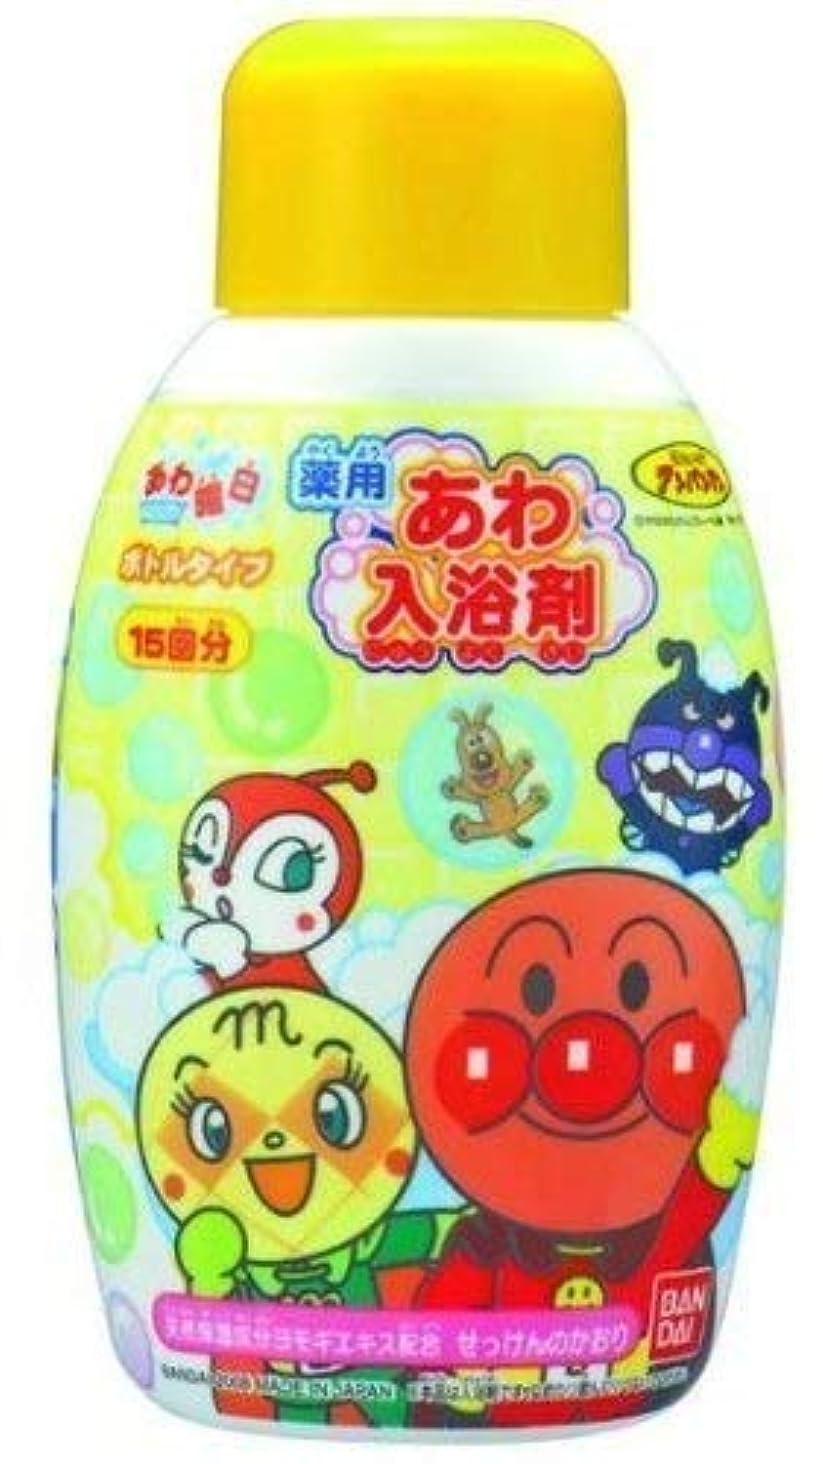 タイル計り知れないのためあわ入浴剤ボトルタイプ アンパンマン × 3個